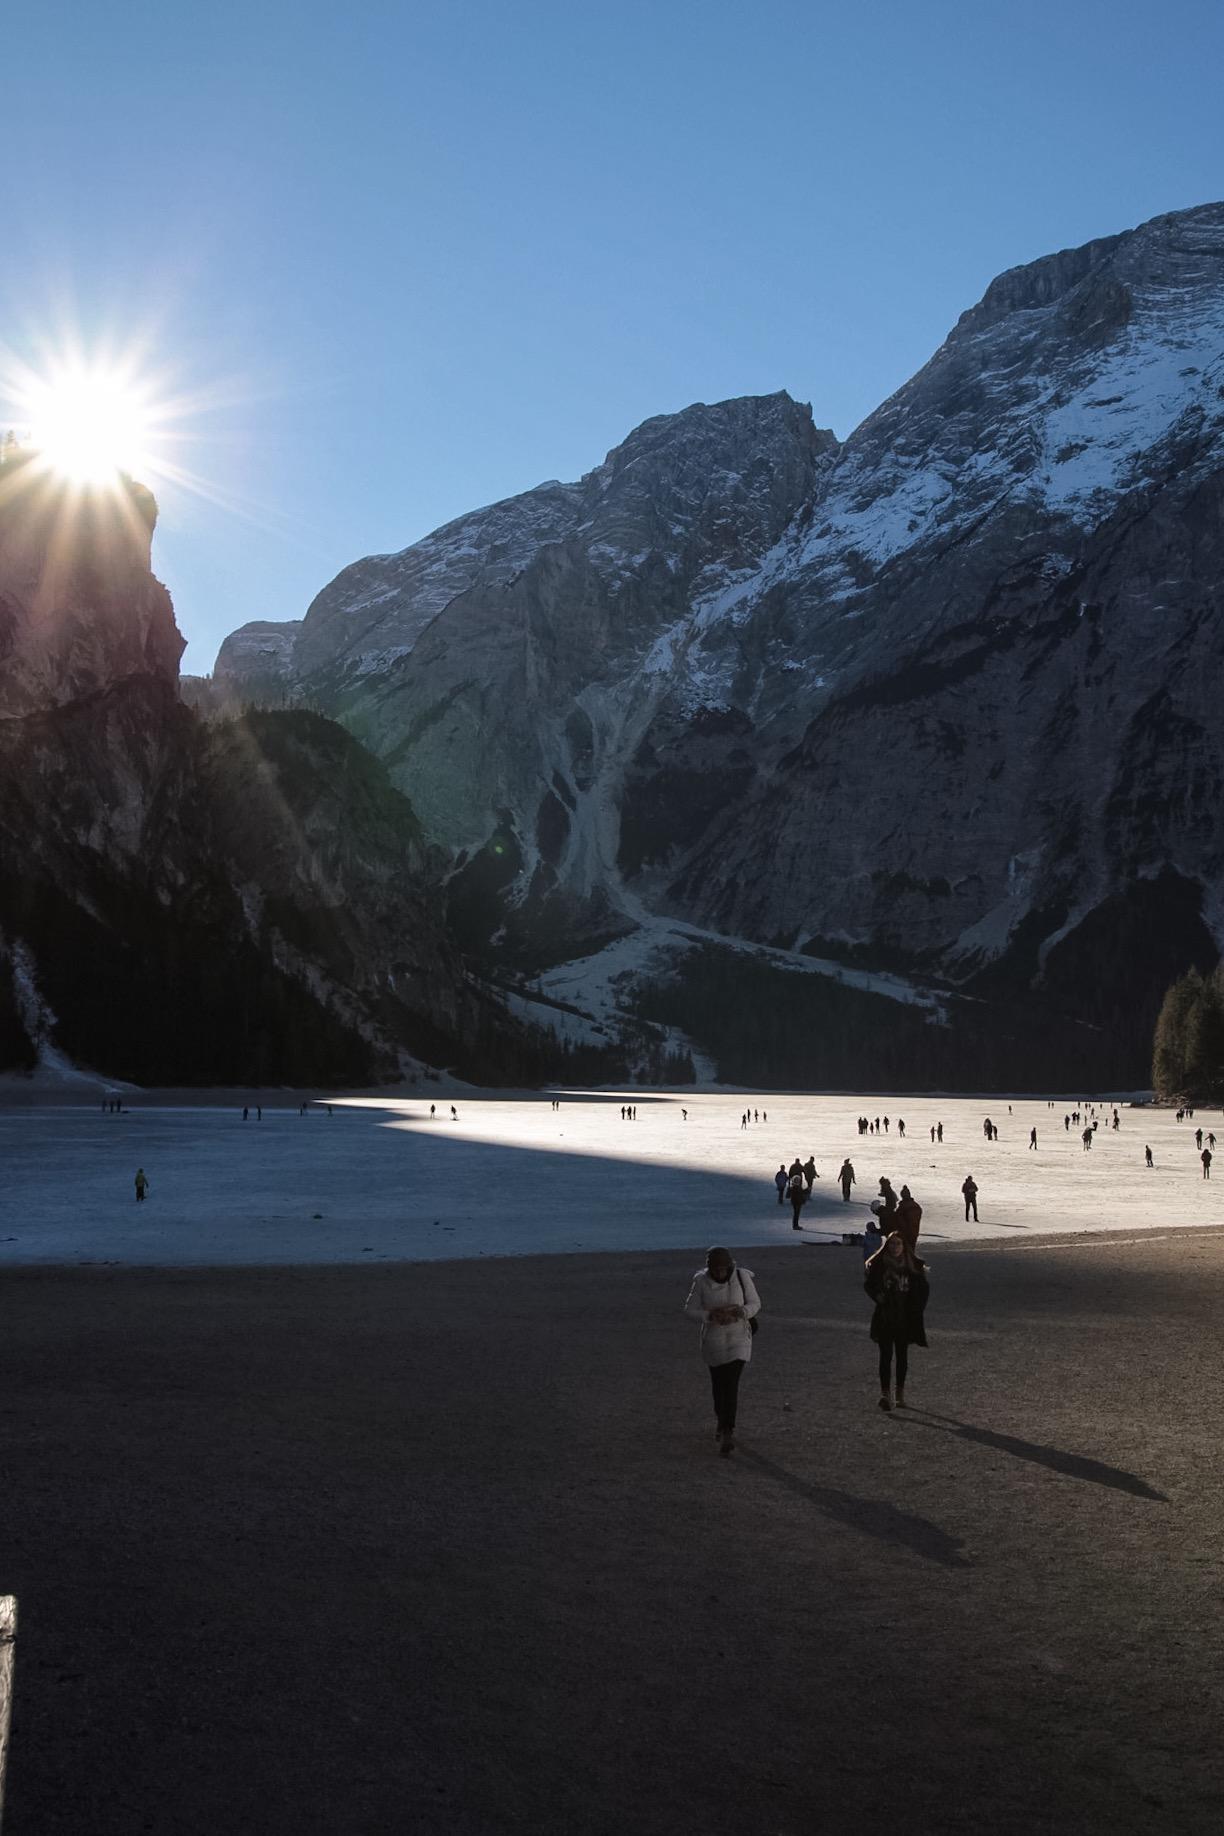 Sunrise on Braies walking frozen...